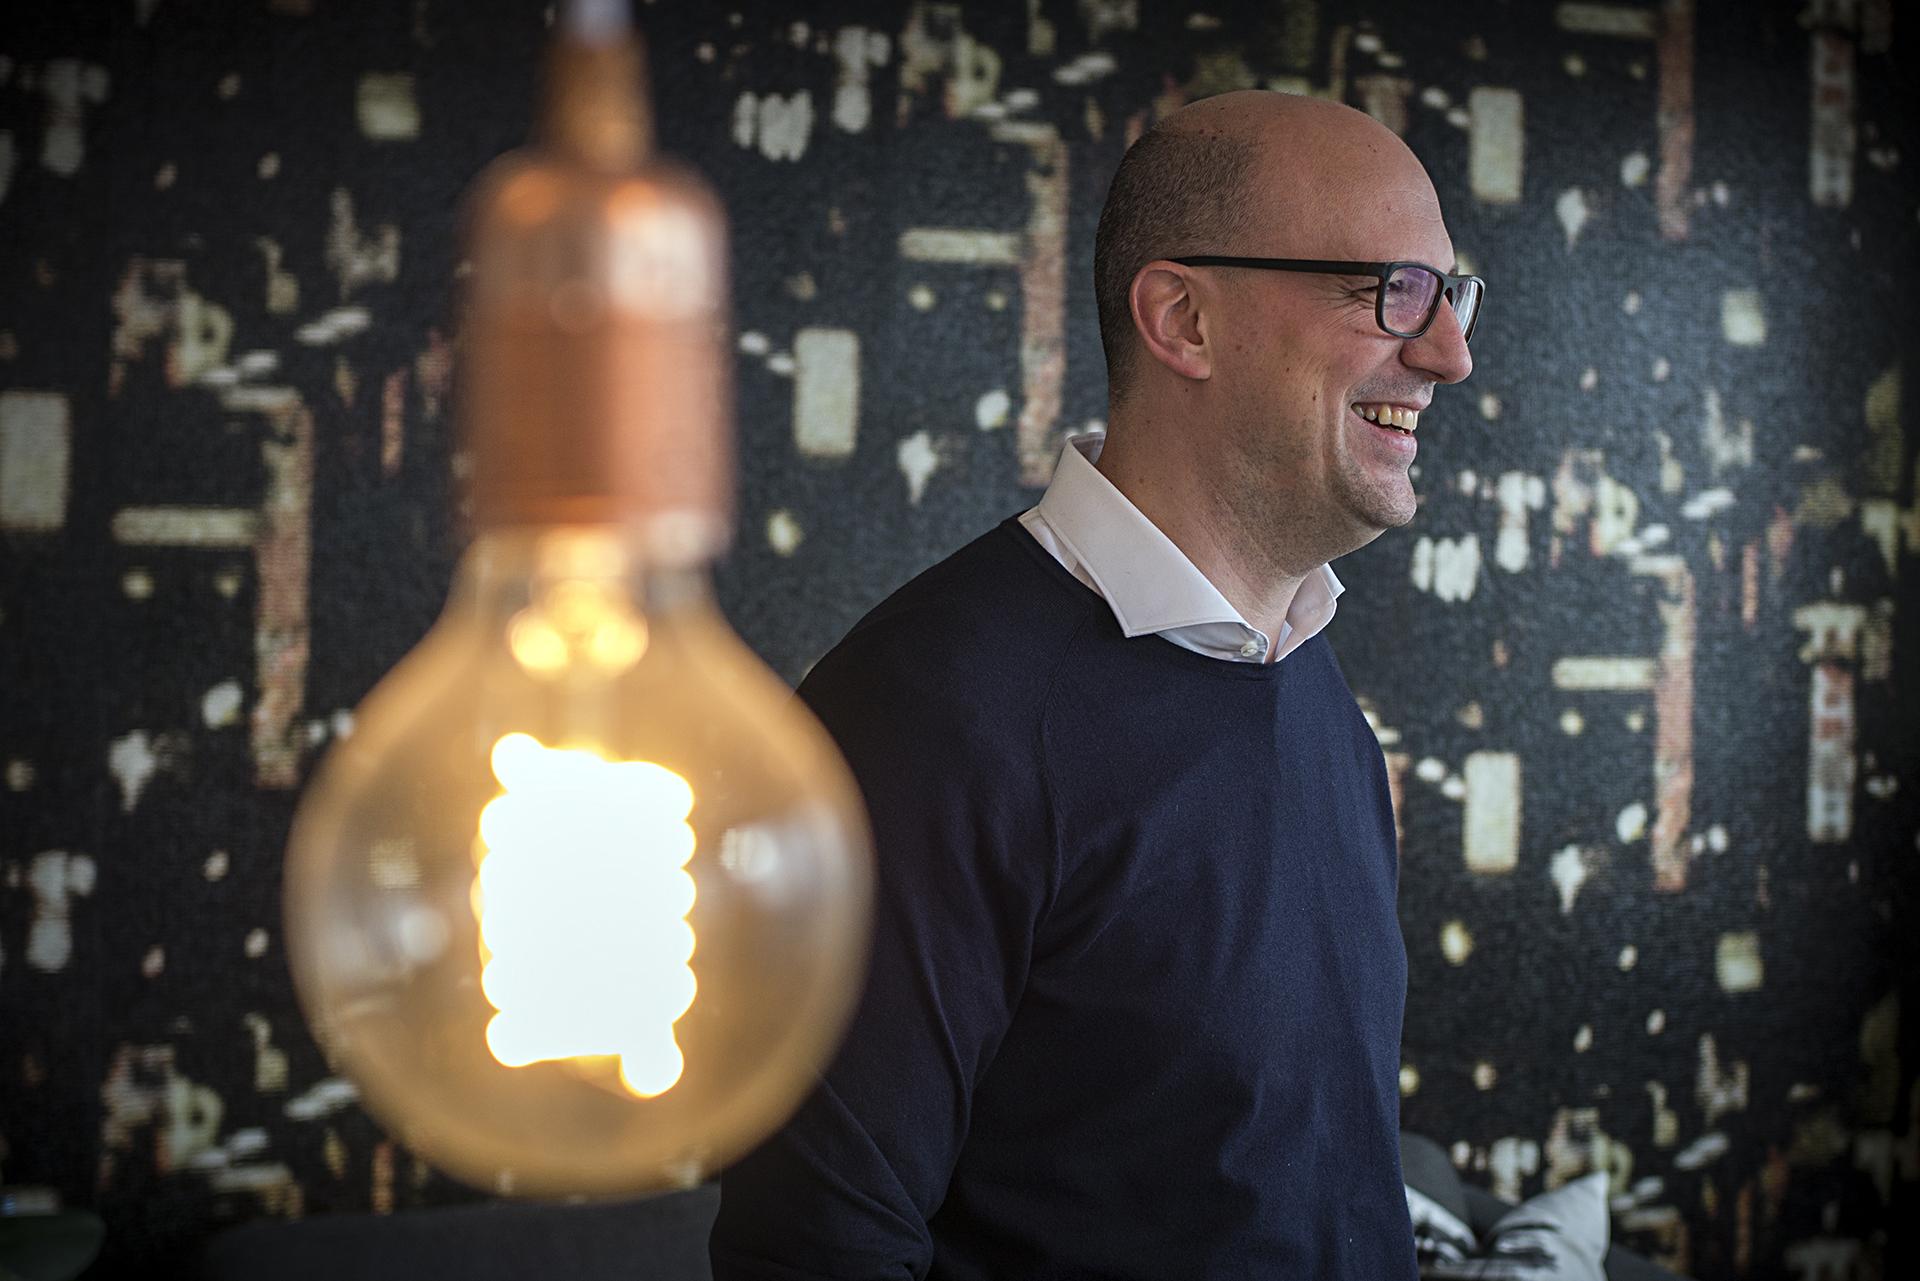 So geht ein Licht auf: Bernhard Probst von kleinkariert über die Entwicklung der Agenturbranche